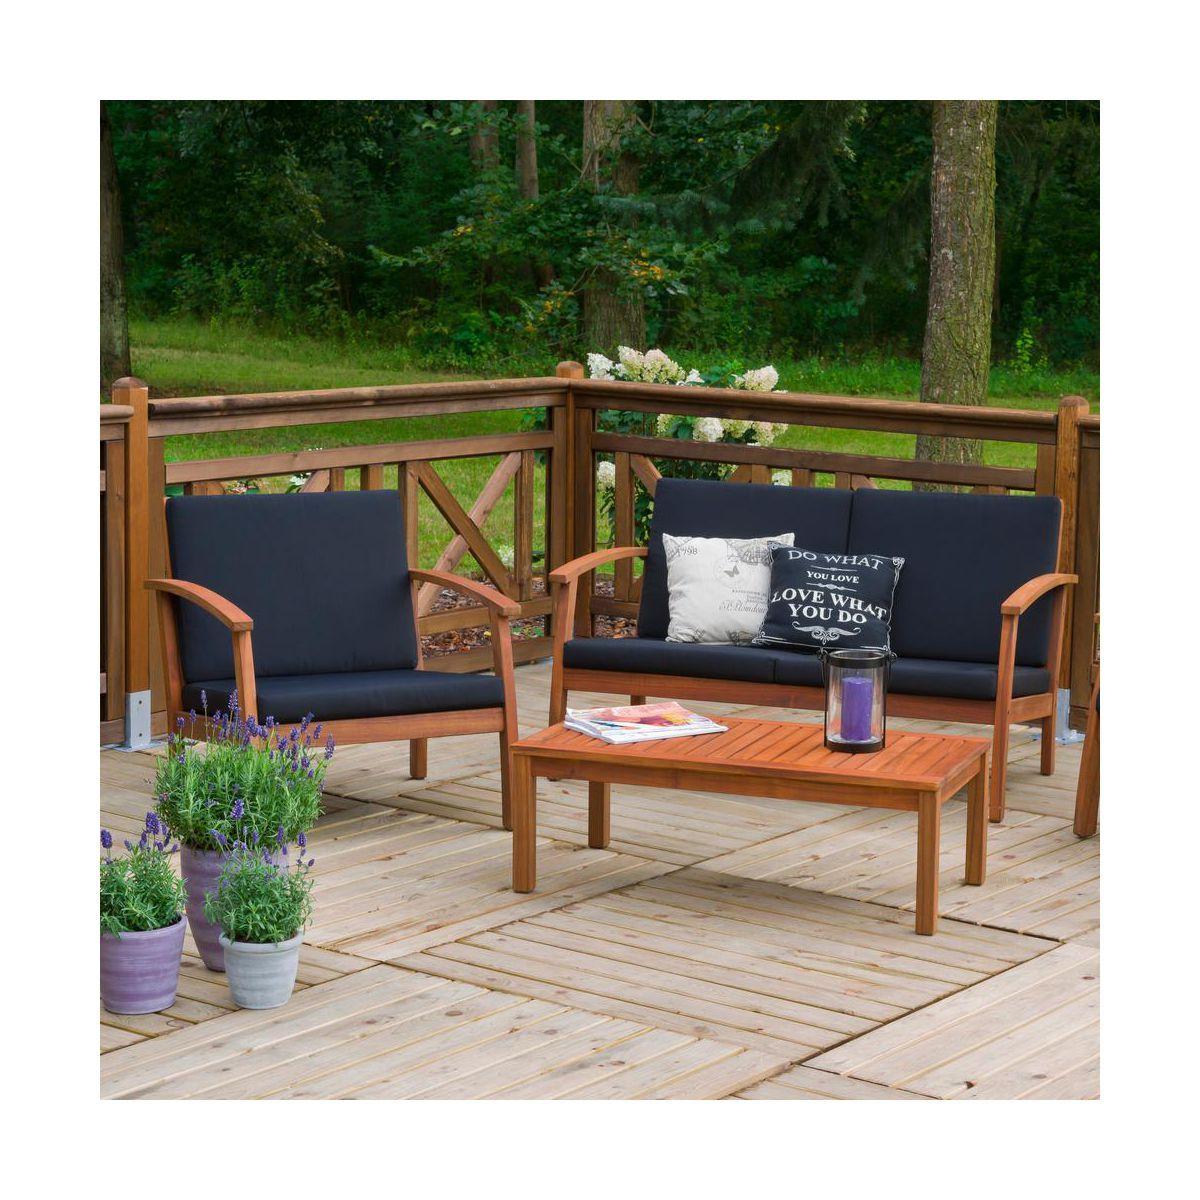 Plot Tarasowy Z Porecza Ken Sobex W Atrakcyjnej Cenie W Sklepach Leroy Merlin Home Decor Decor Outdoor Chairs